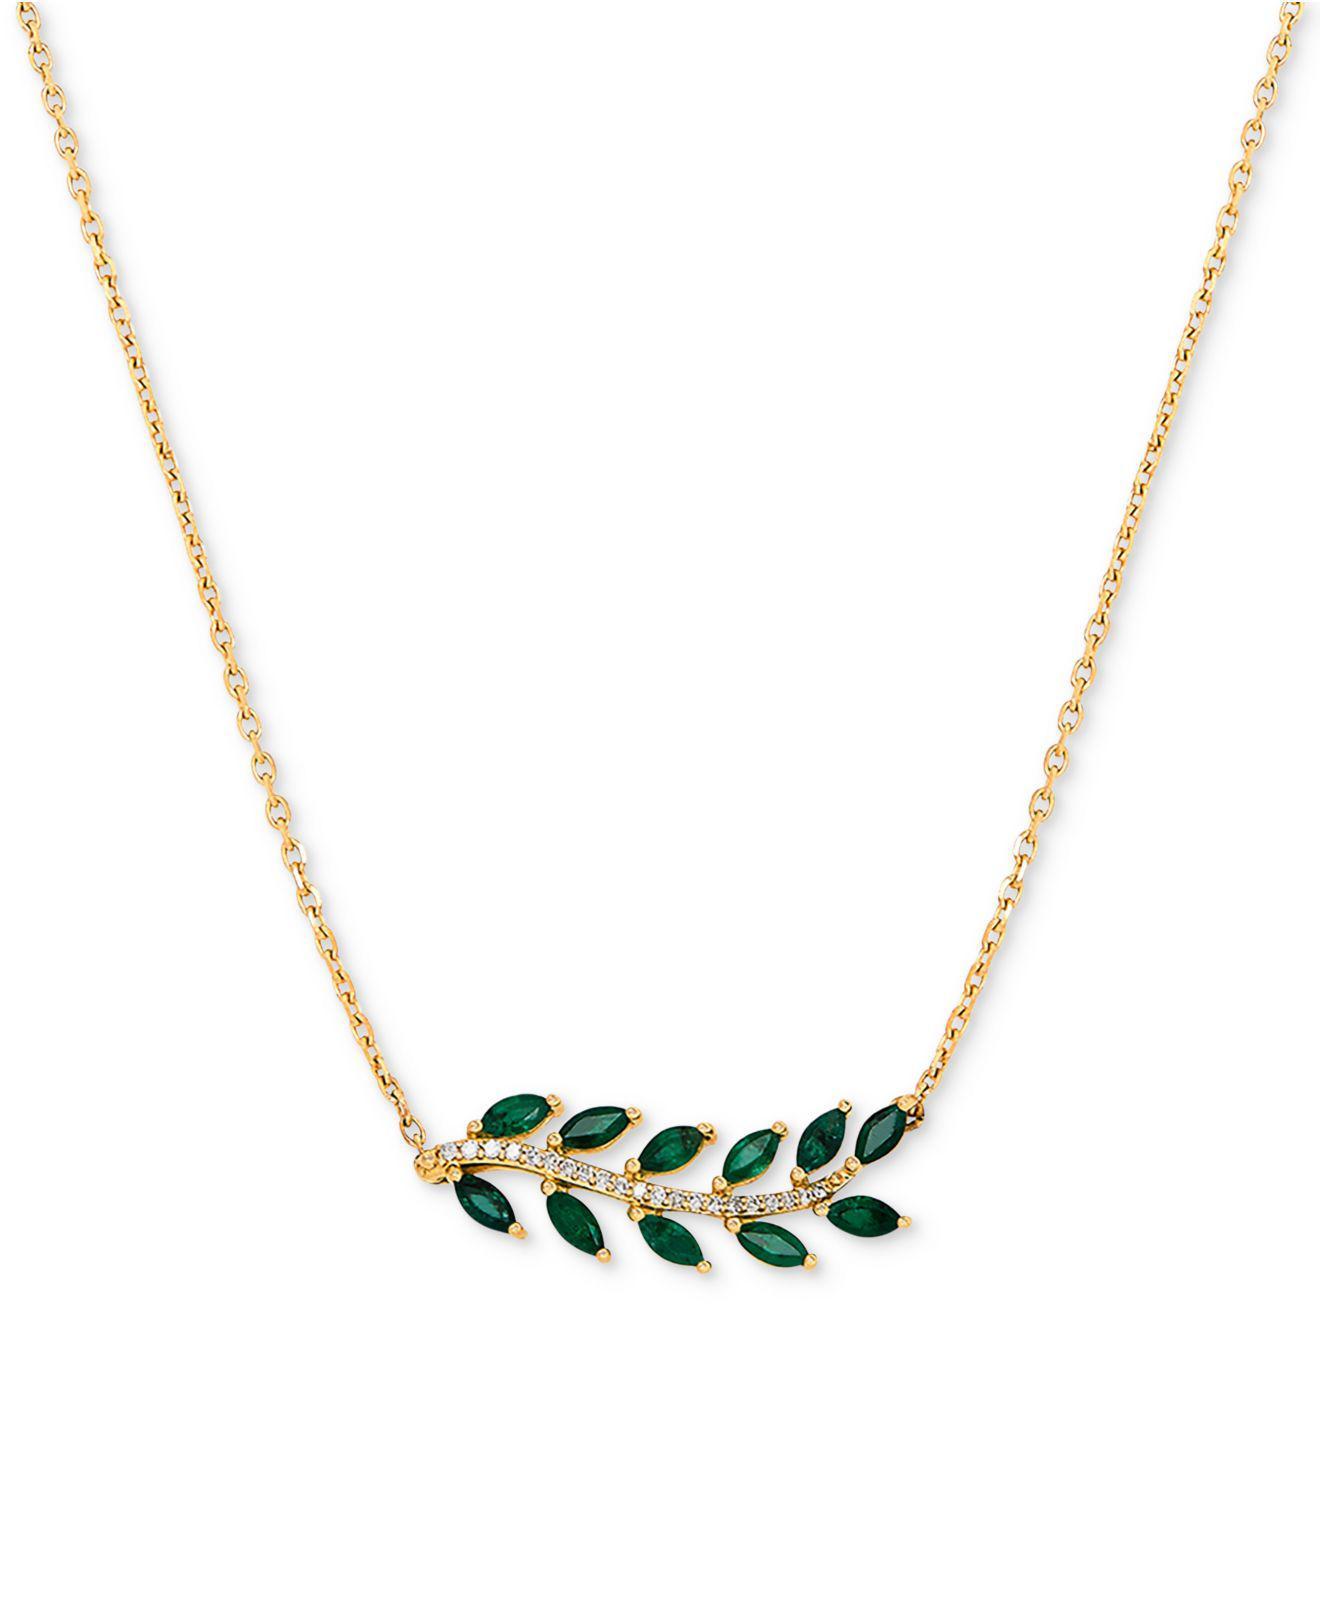 c99f796f4aa4b Women's Green Emerald (3/4 Ct. T.w.) & Diamond Accent 18